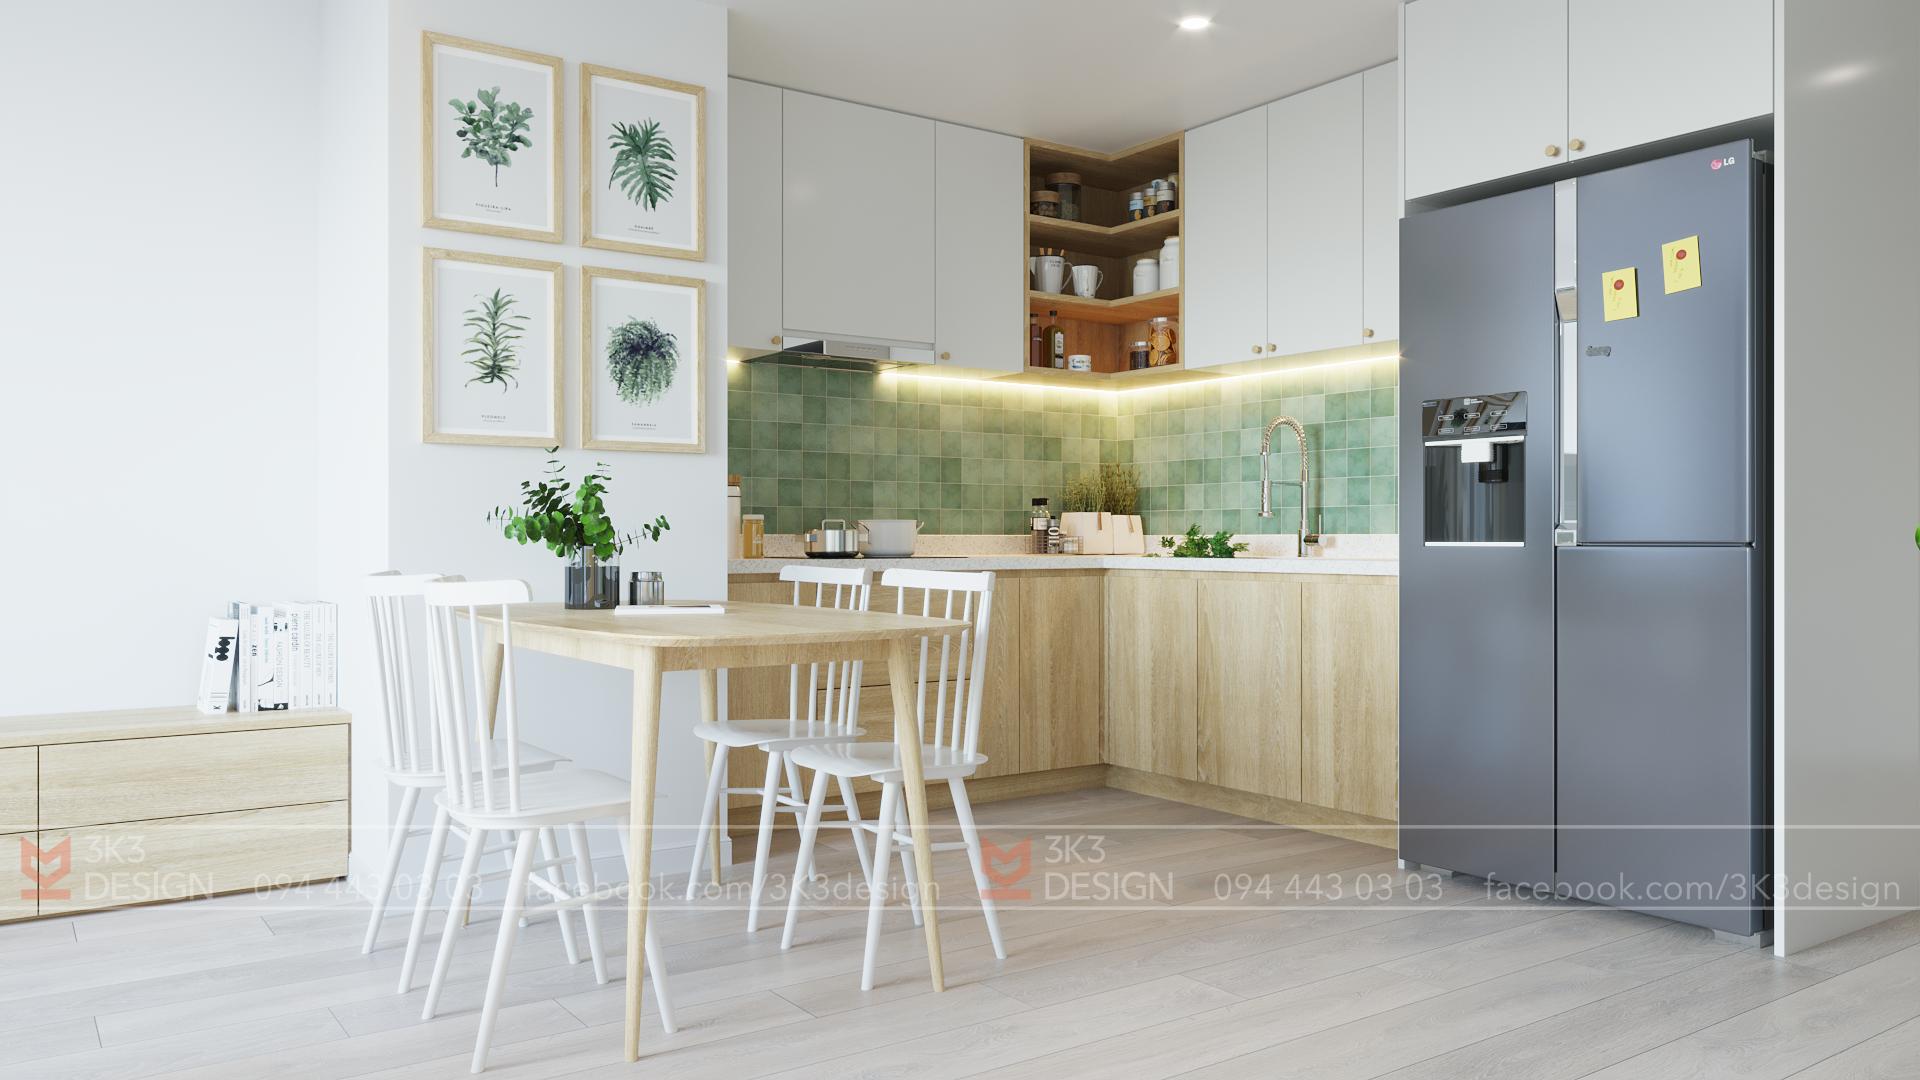 Thiết kế nội thất Chung Cư tại Hà Nội B - APARTMENT 1585495840 2